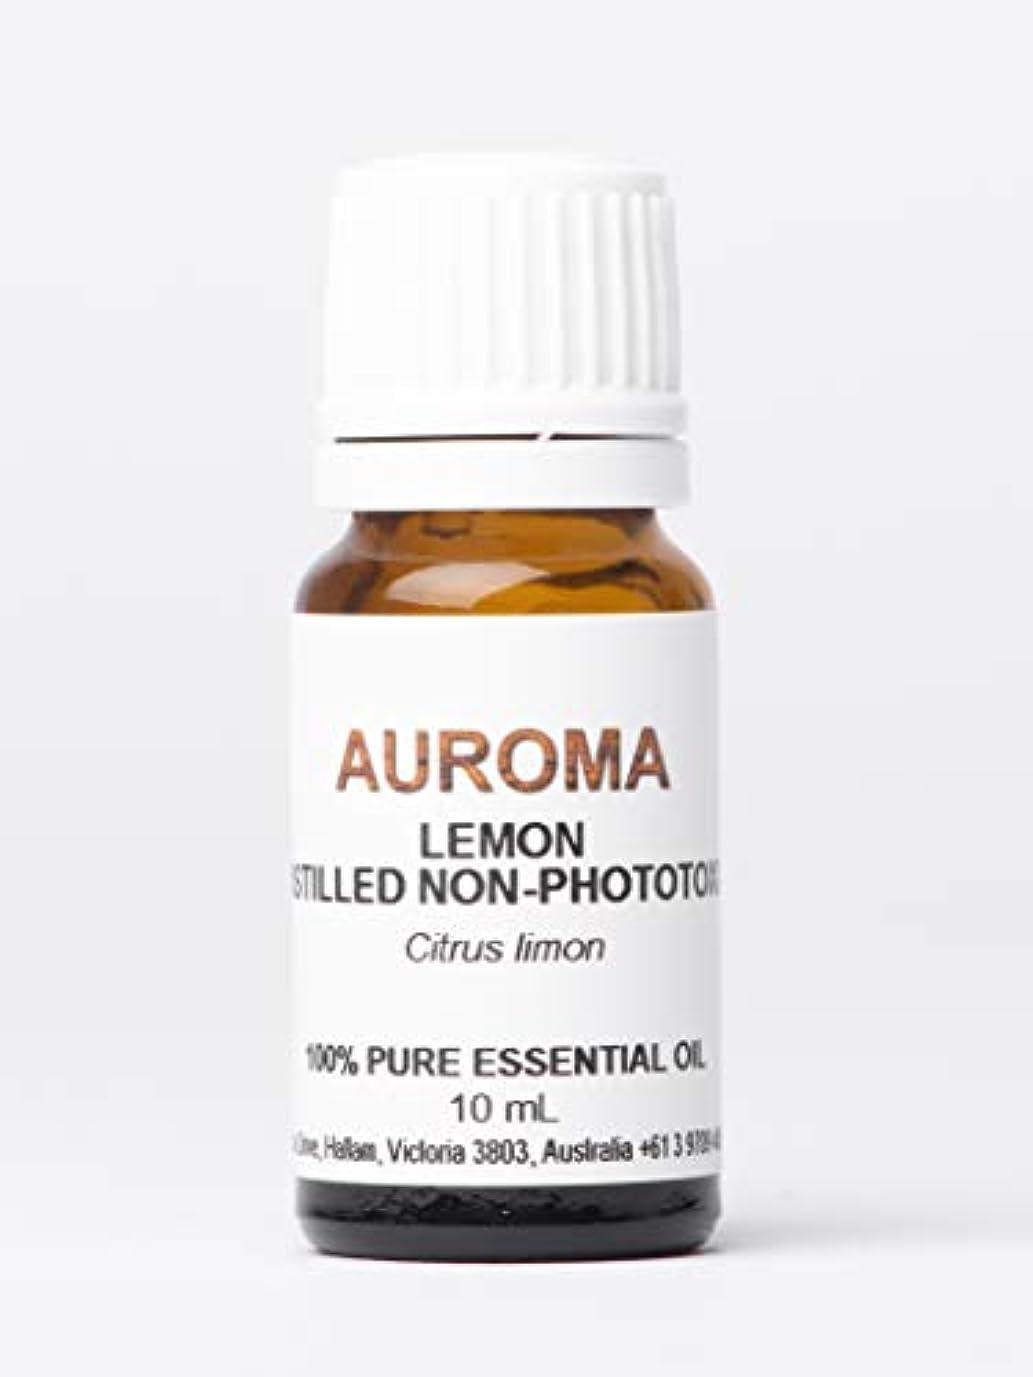 ヘビーいちゃつくレポートを書くAUROMA レモンディスティル(光毒性成分無し) 10ml